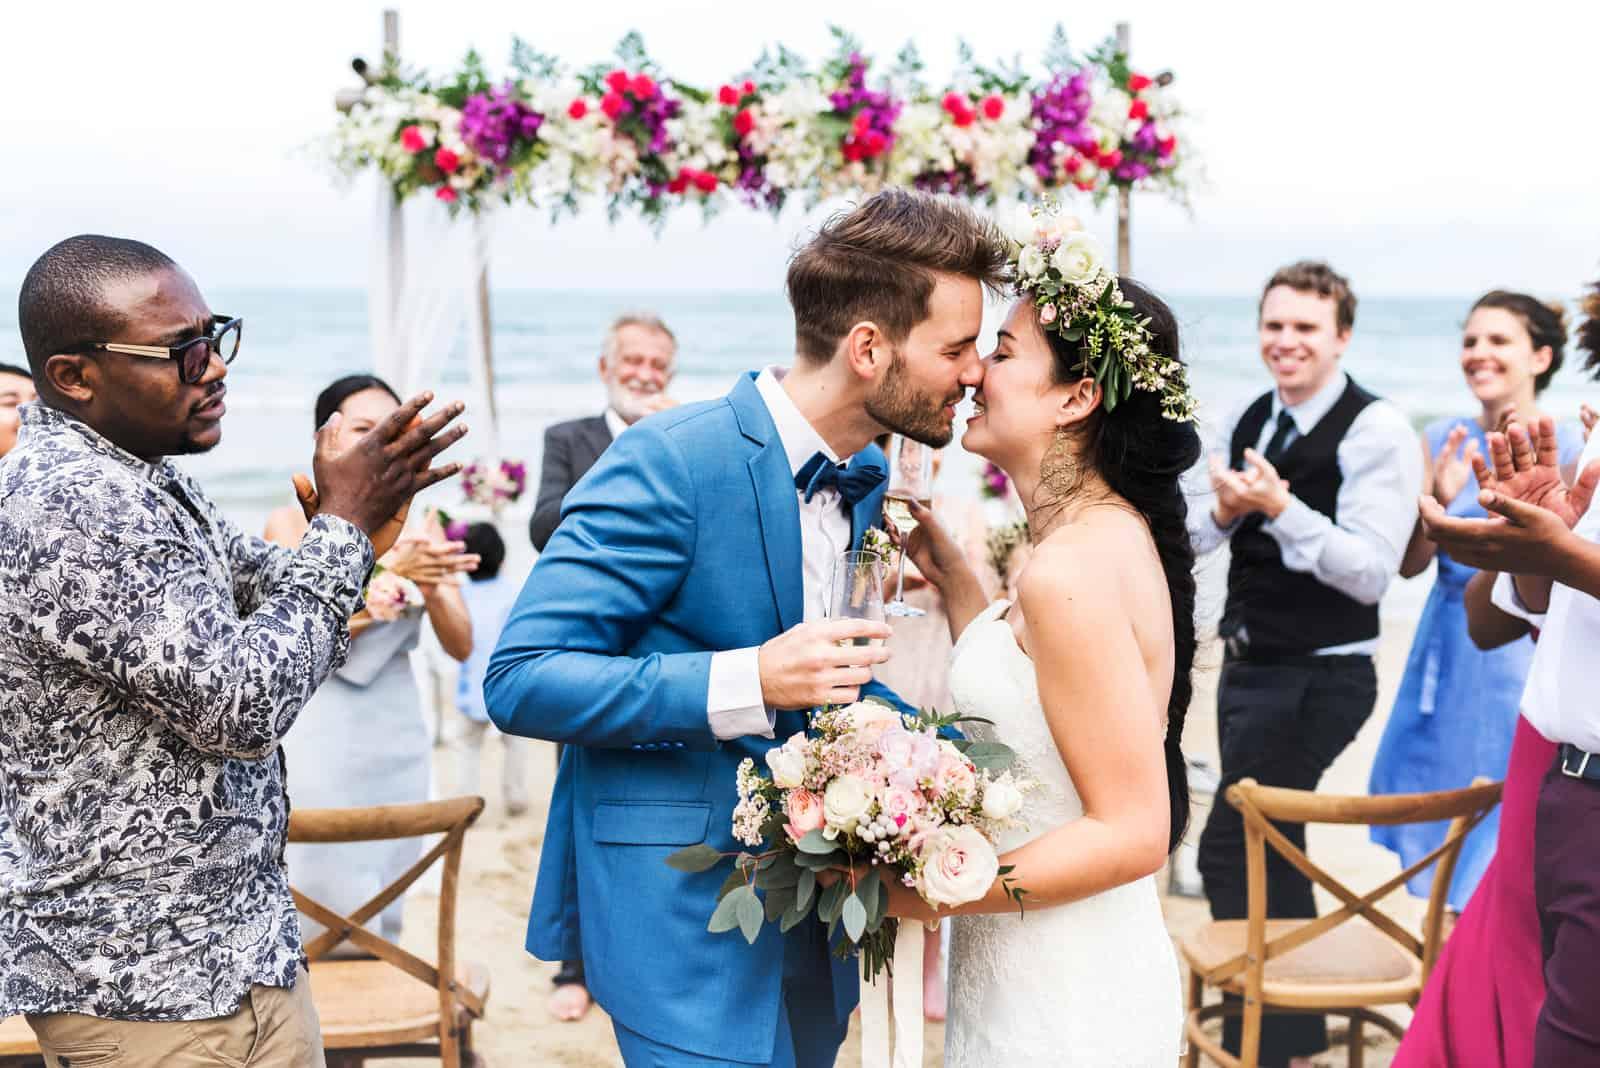 Paar küsst auf Hochzeitsfeier